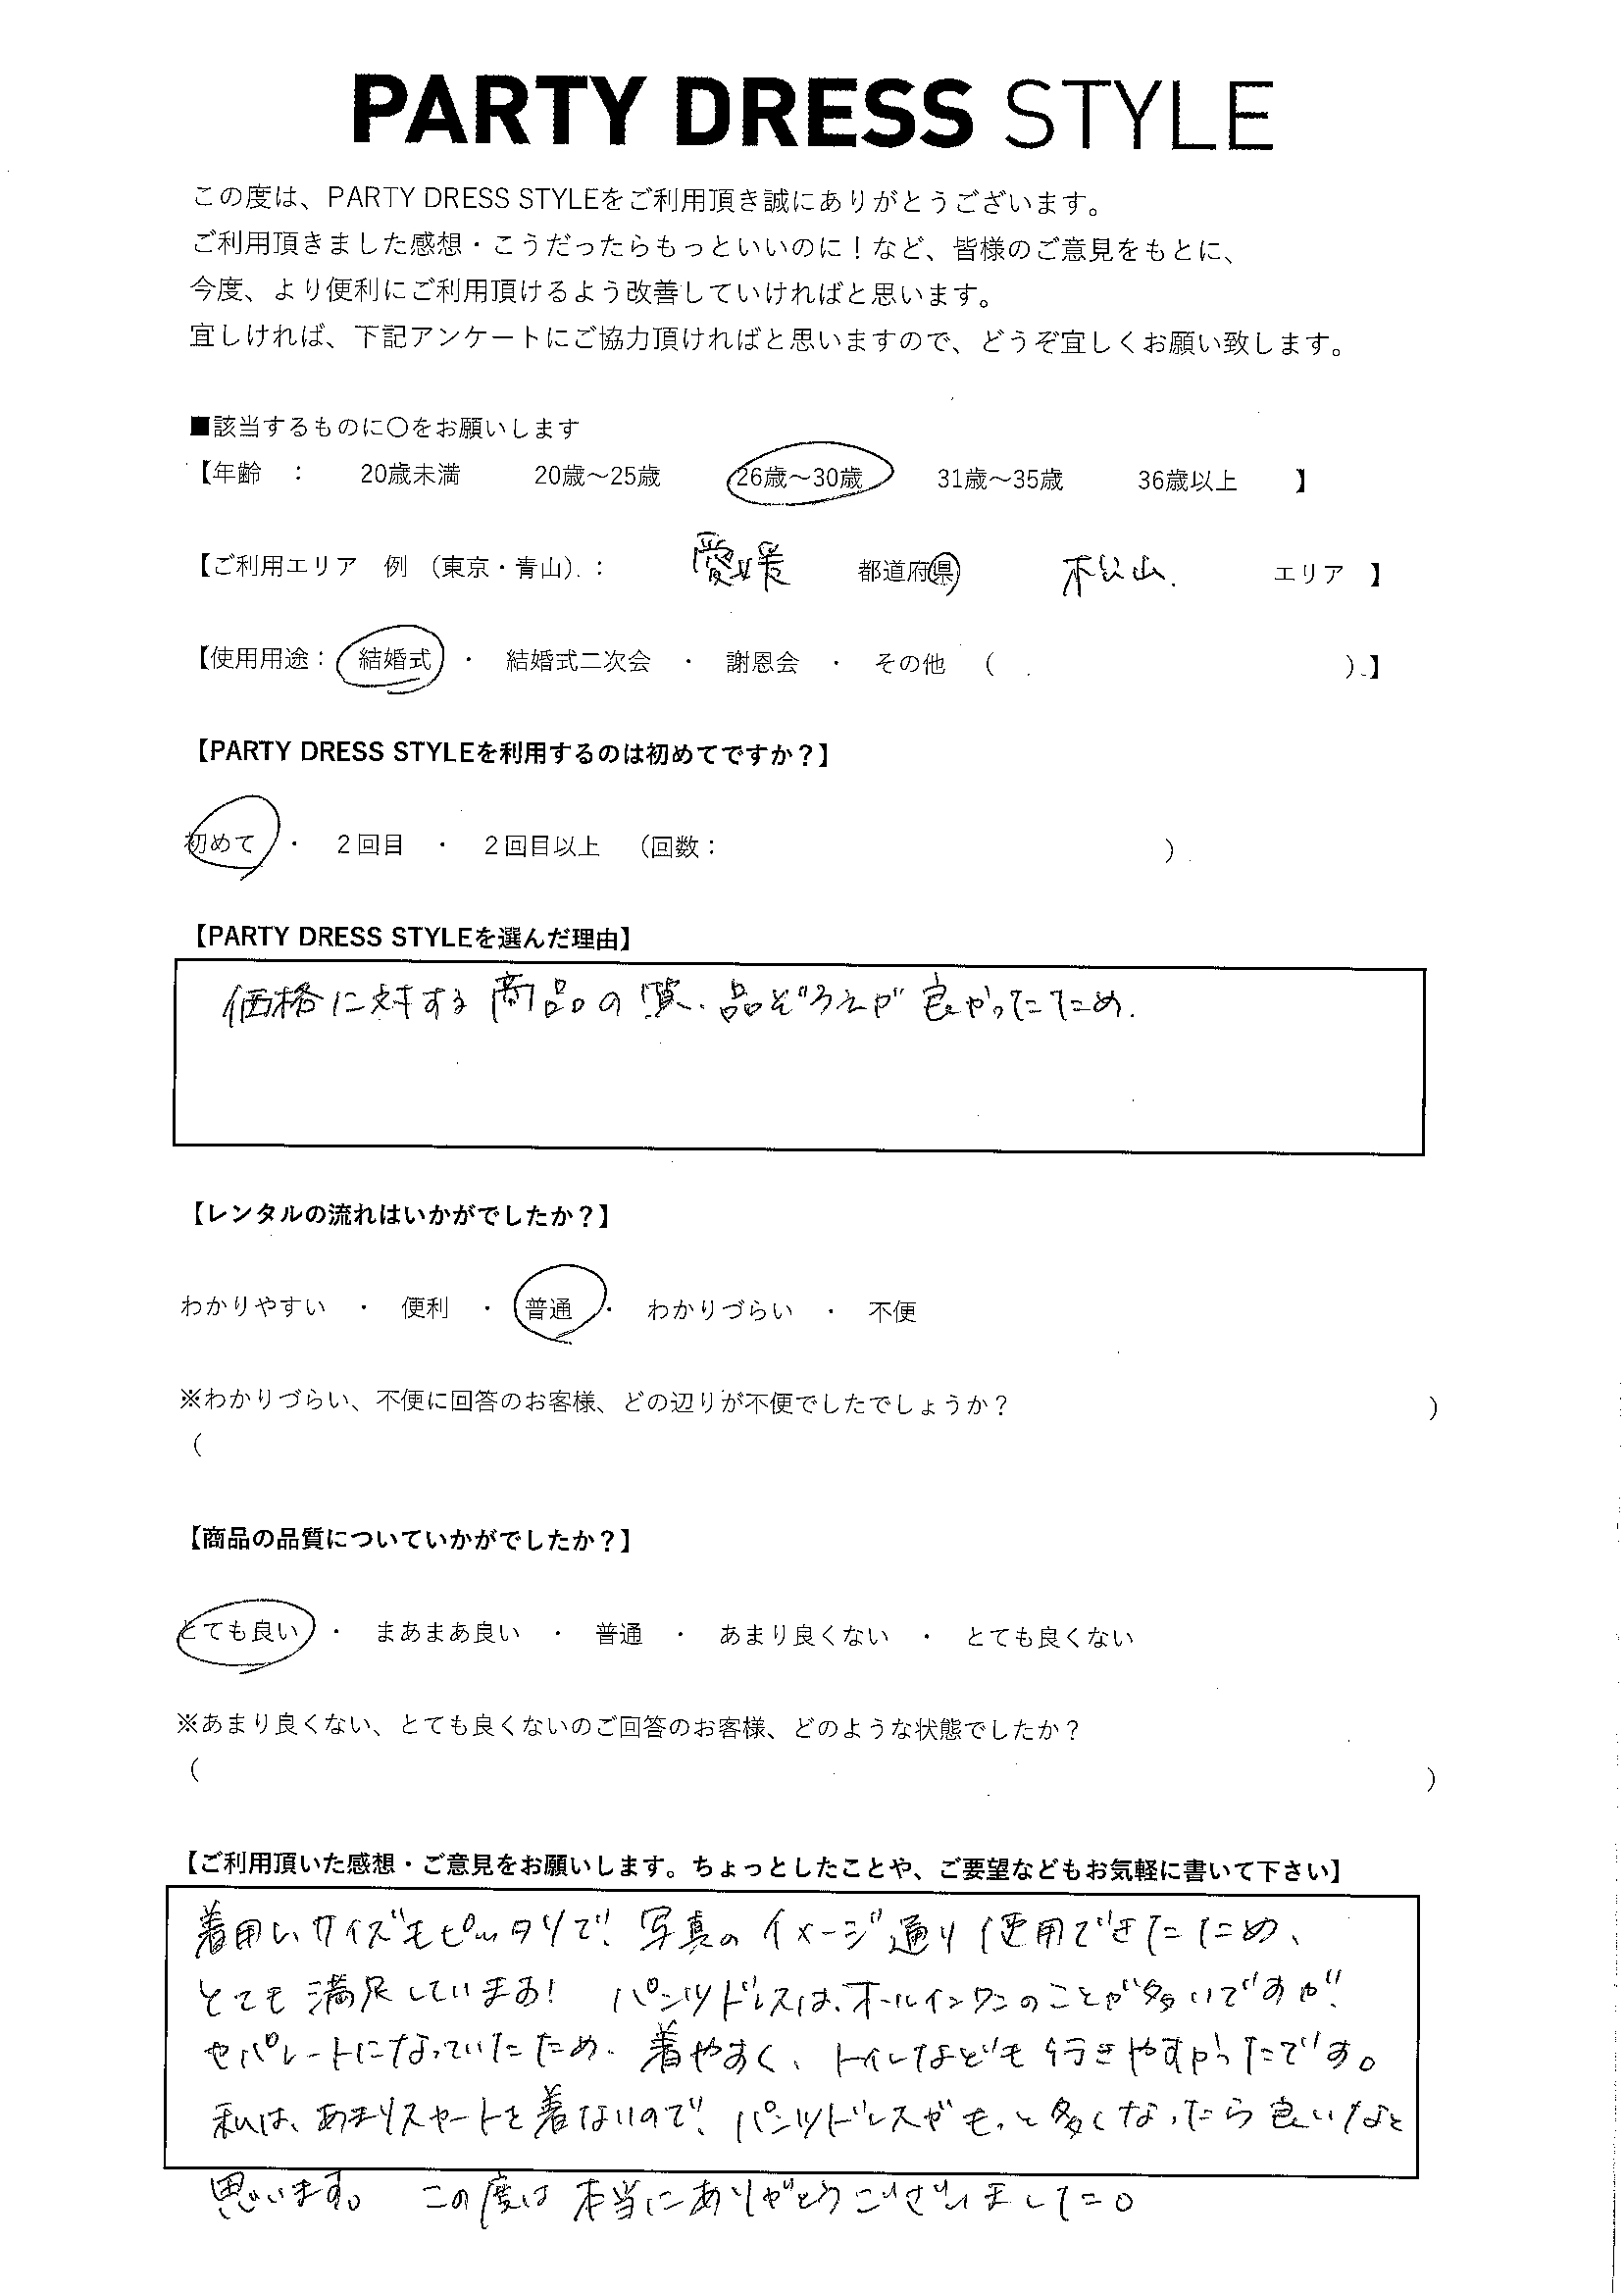 6/30結婚式 愛媛県・松山エリア